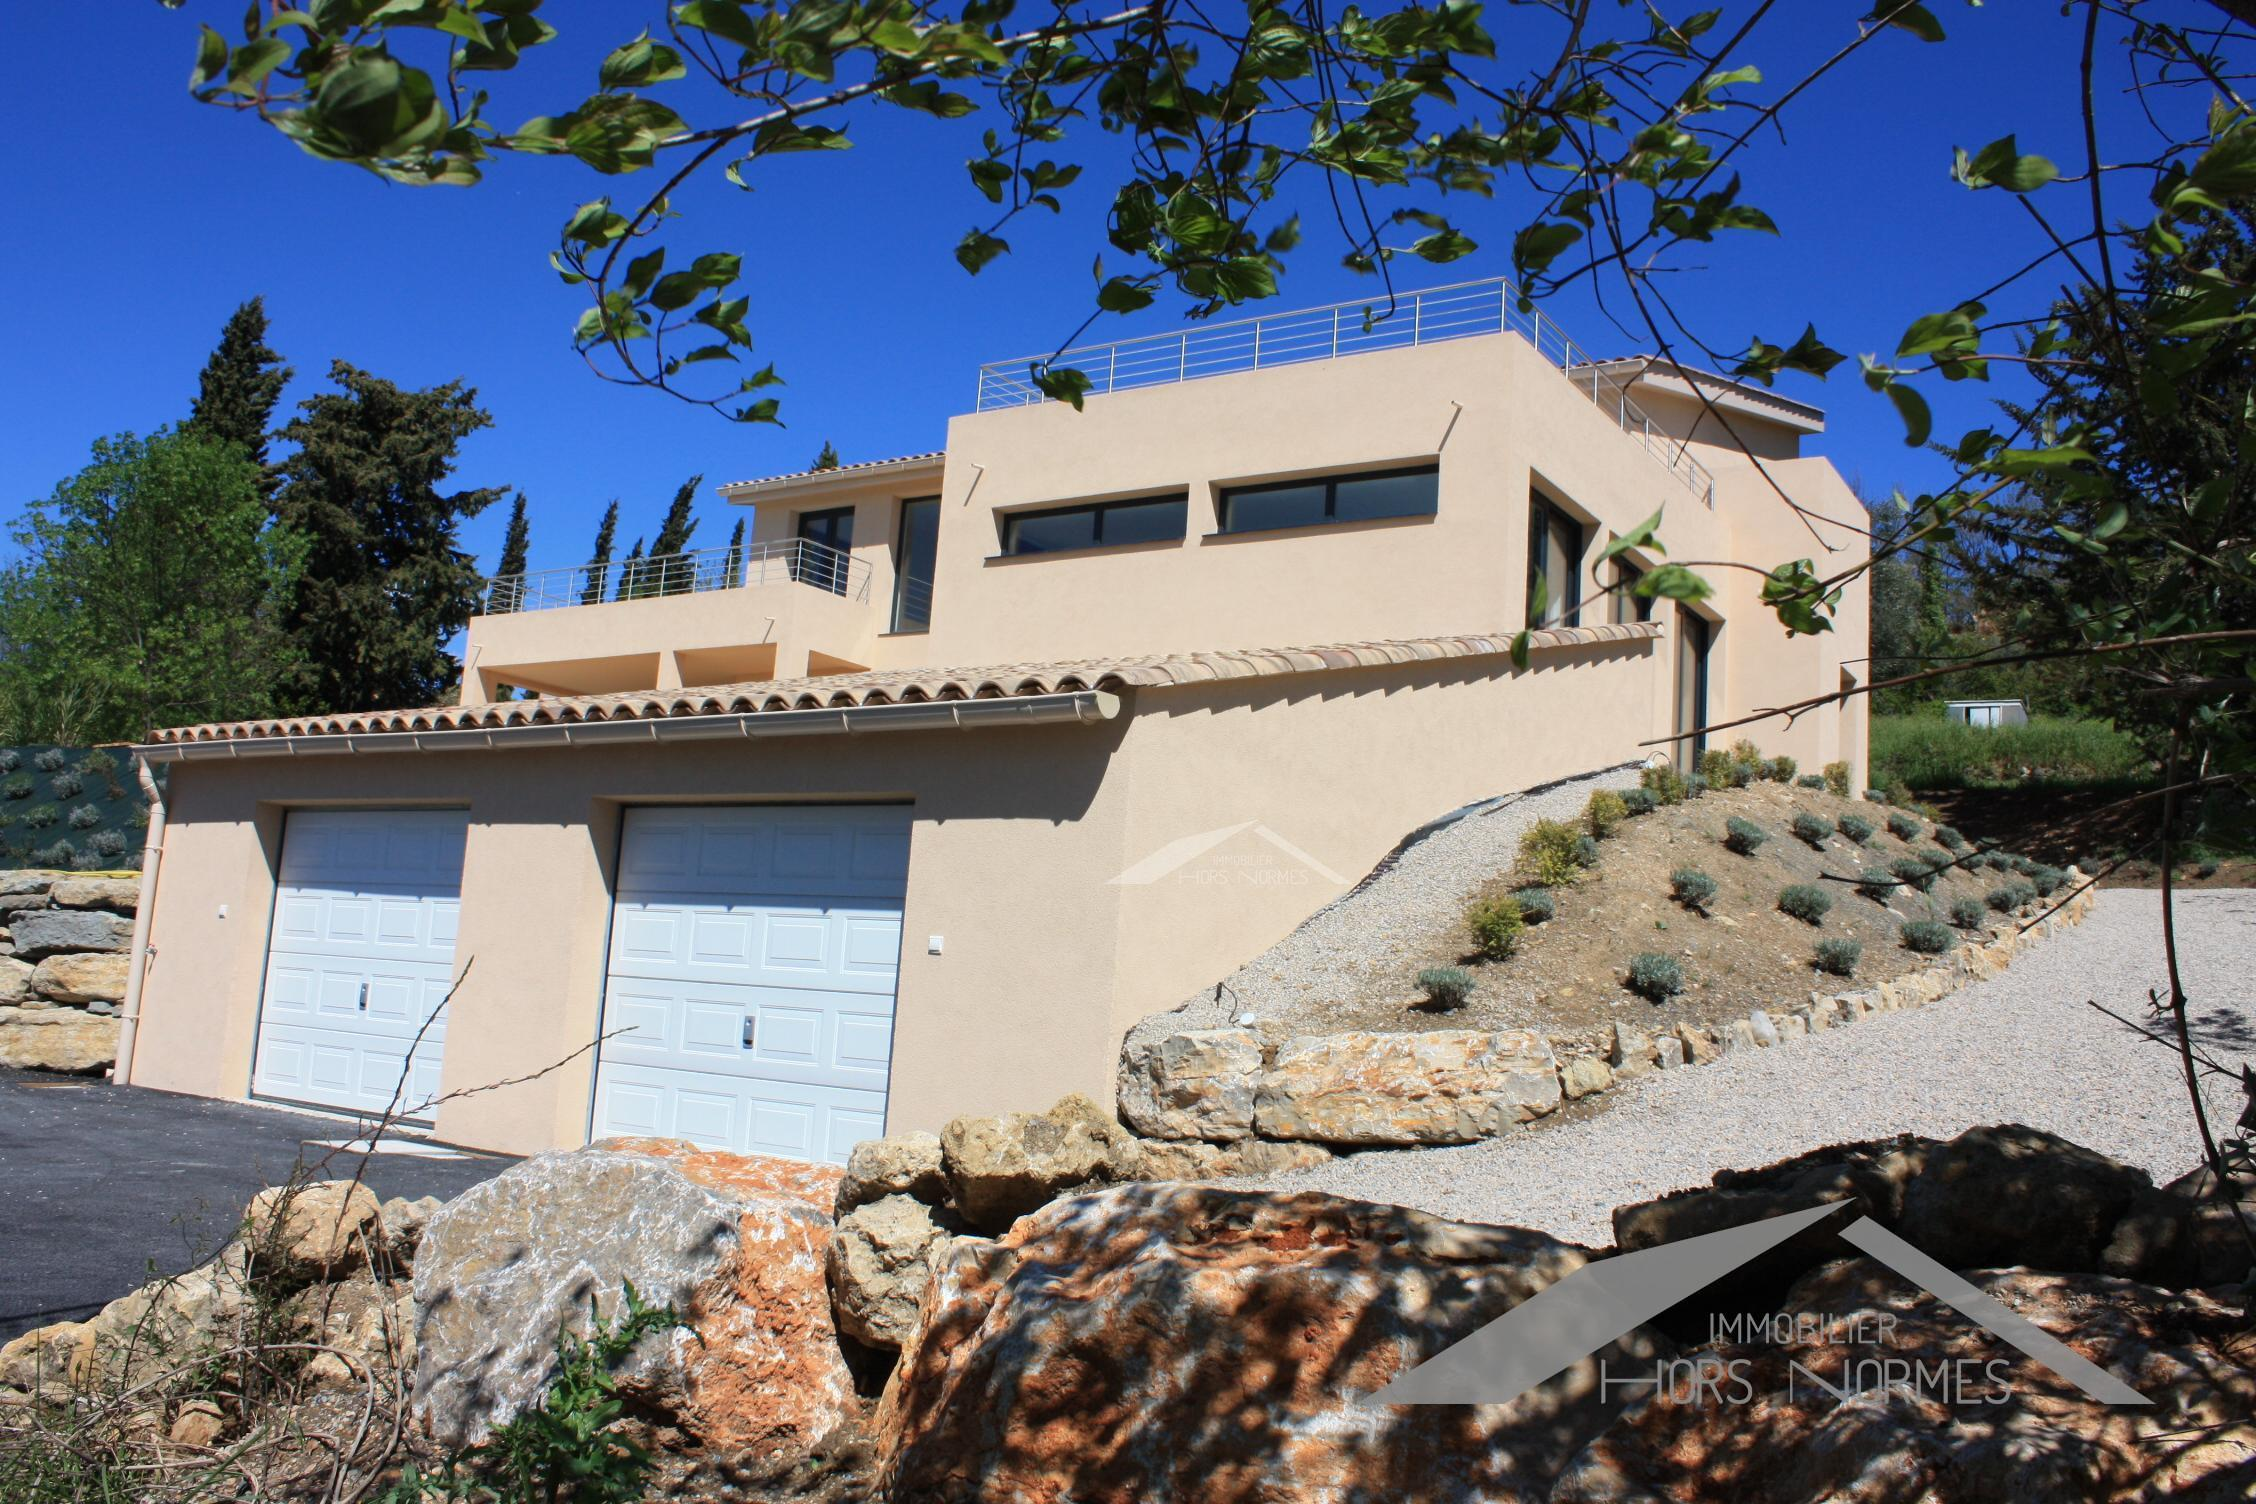 villa contemporaine respectant l 39 environnement. Black Bedroom Furniture Sets. Home Design Ideas